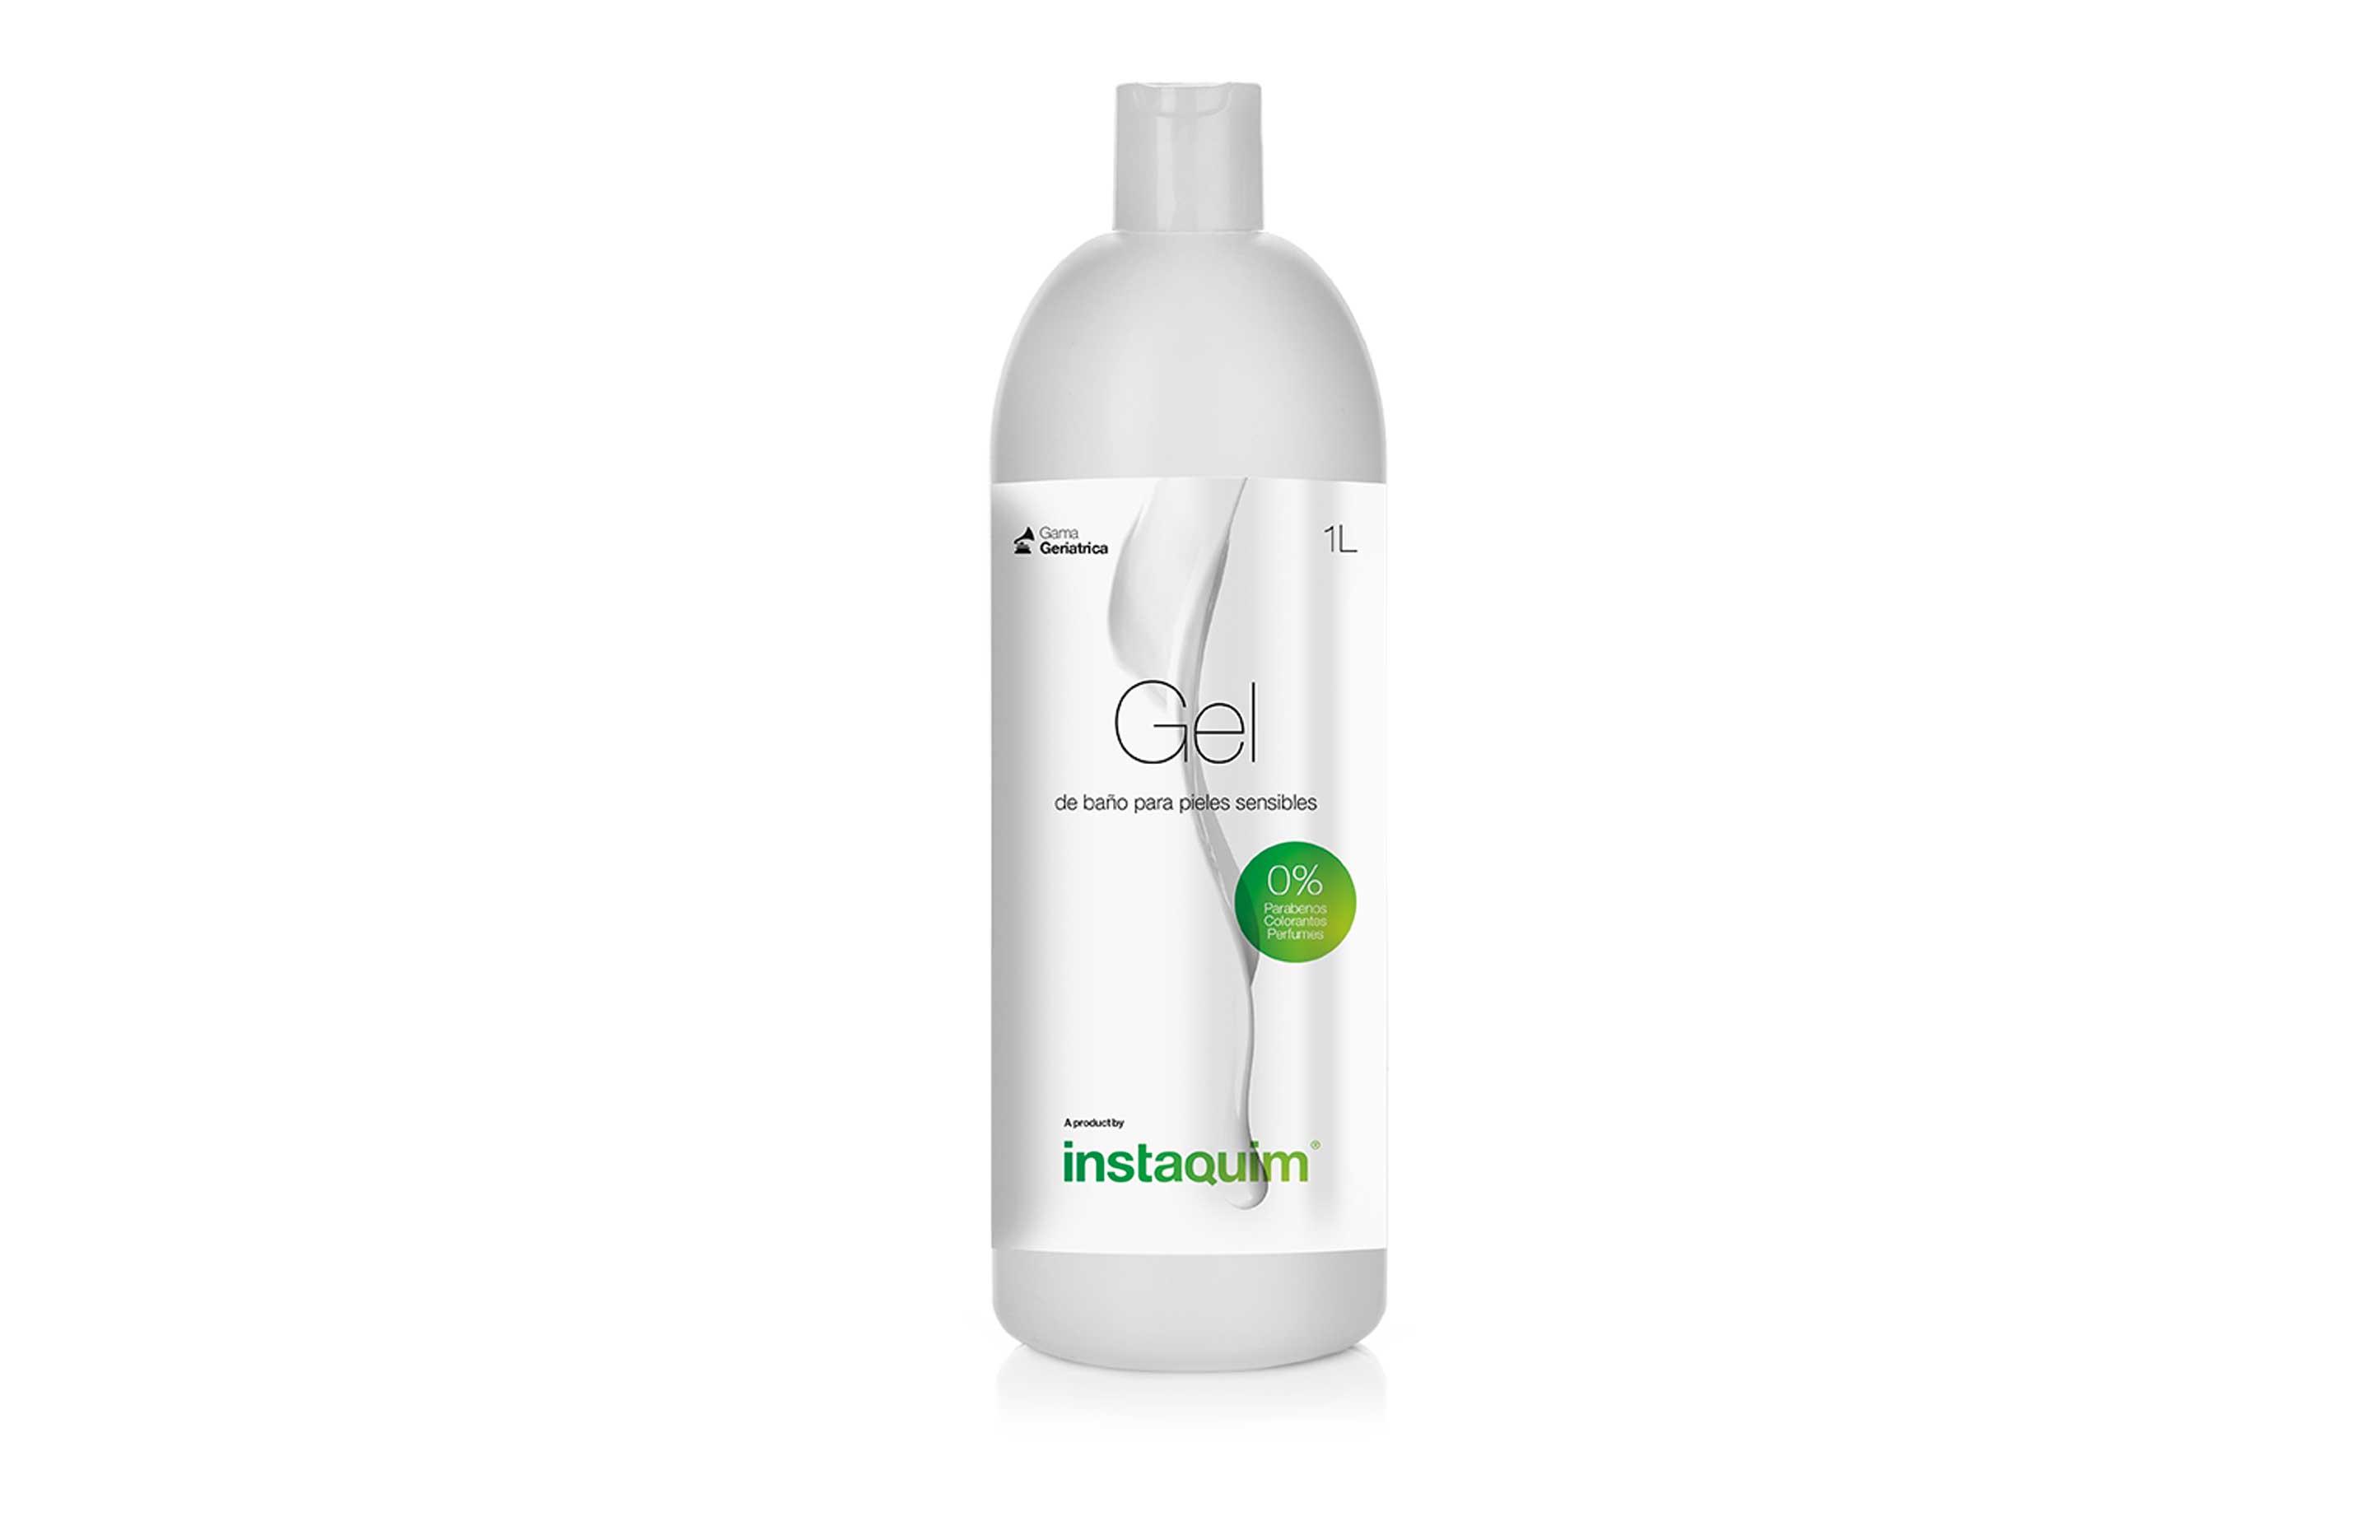 Gel de baño piel sensible 0%, Especial para pieles sensibles